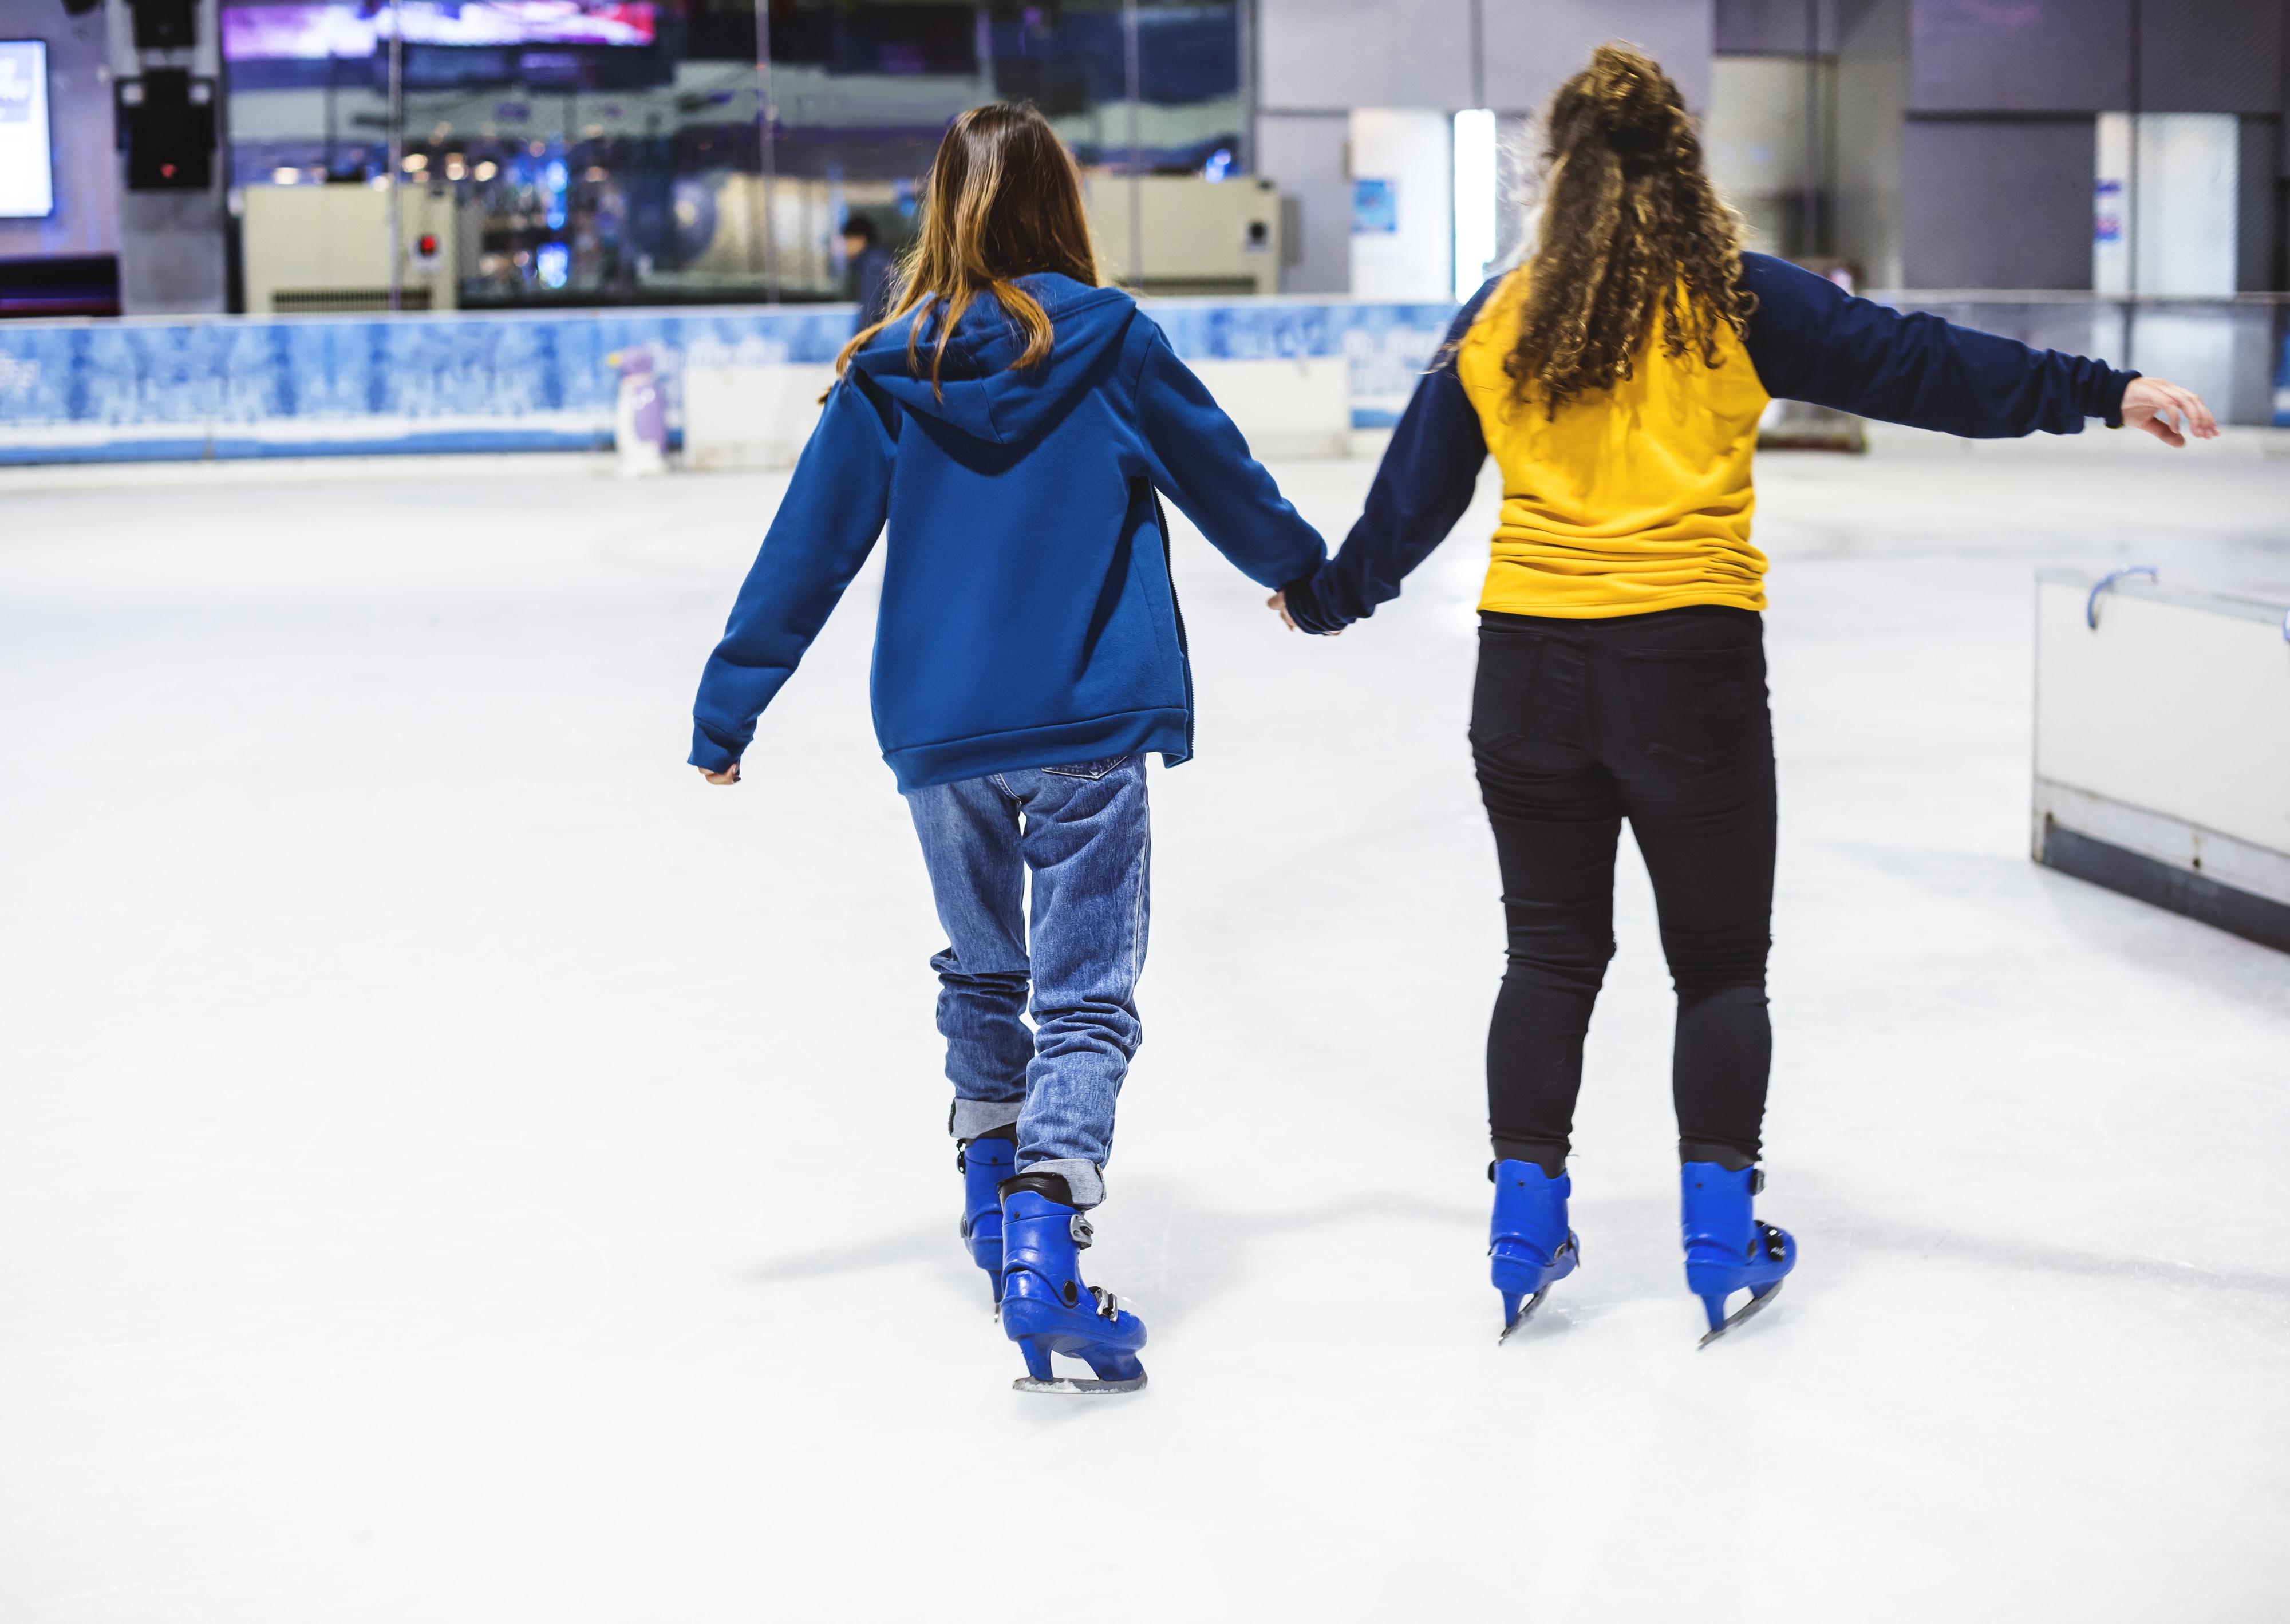 two girls ice skates